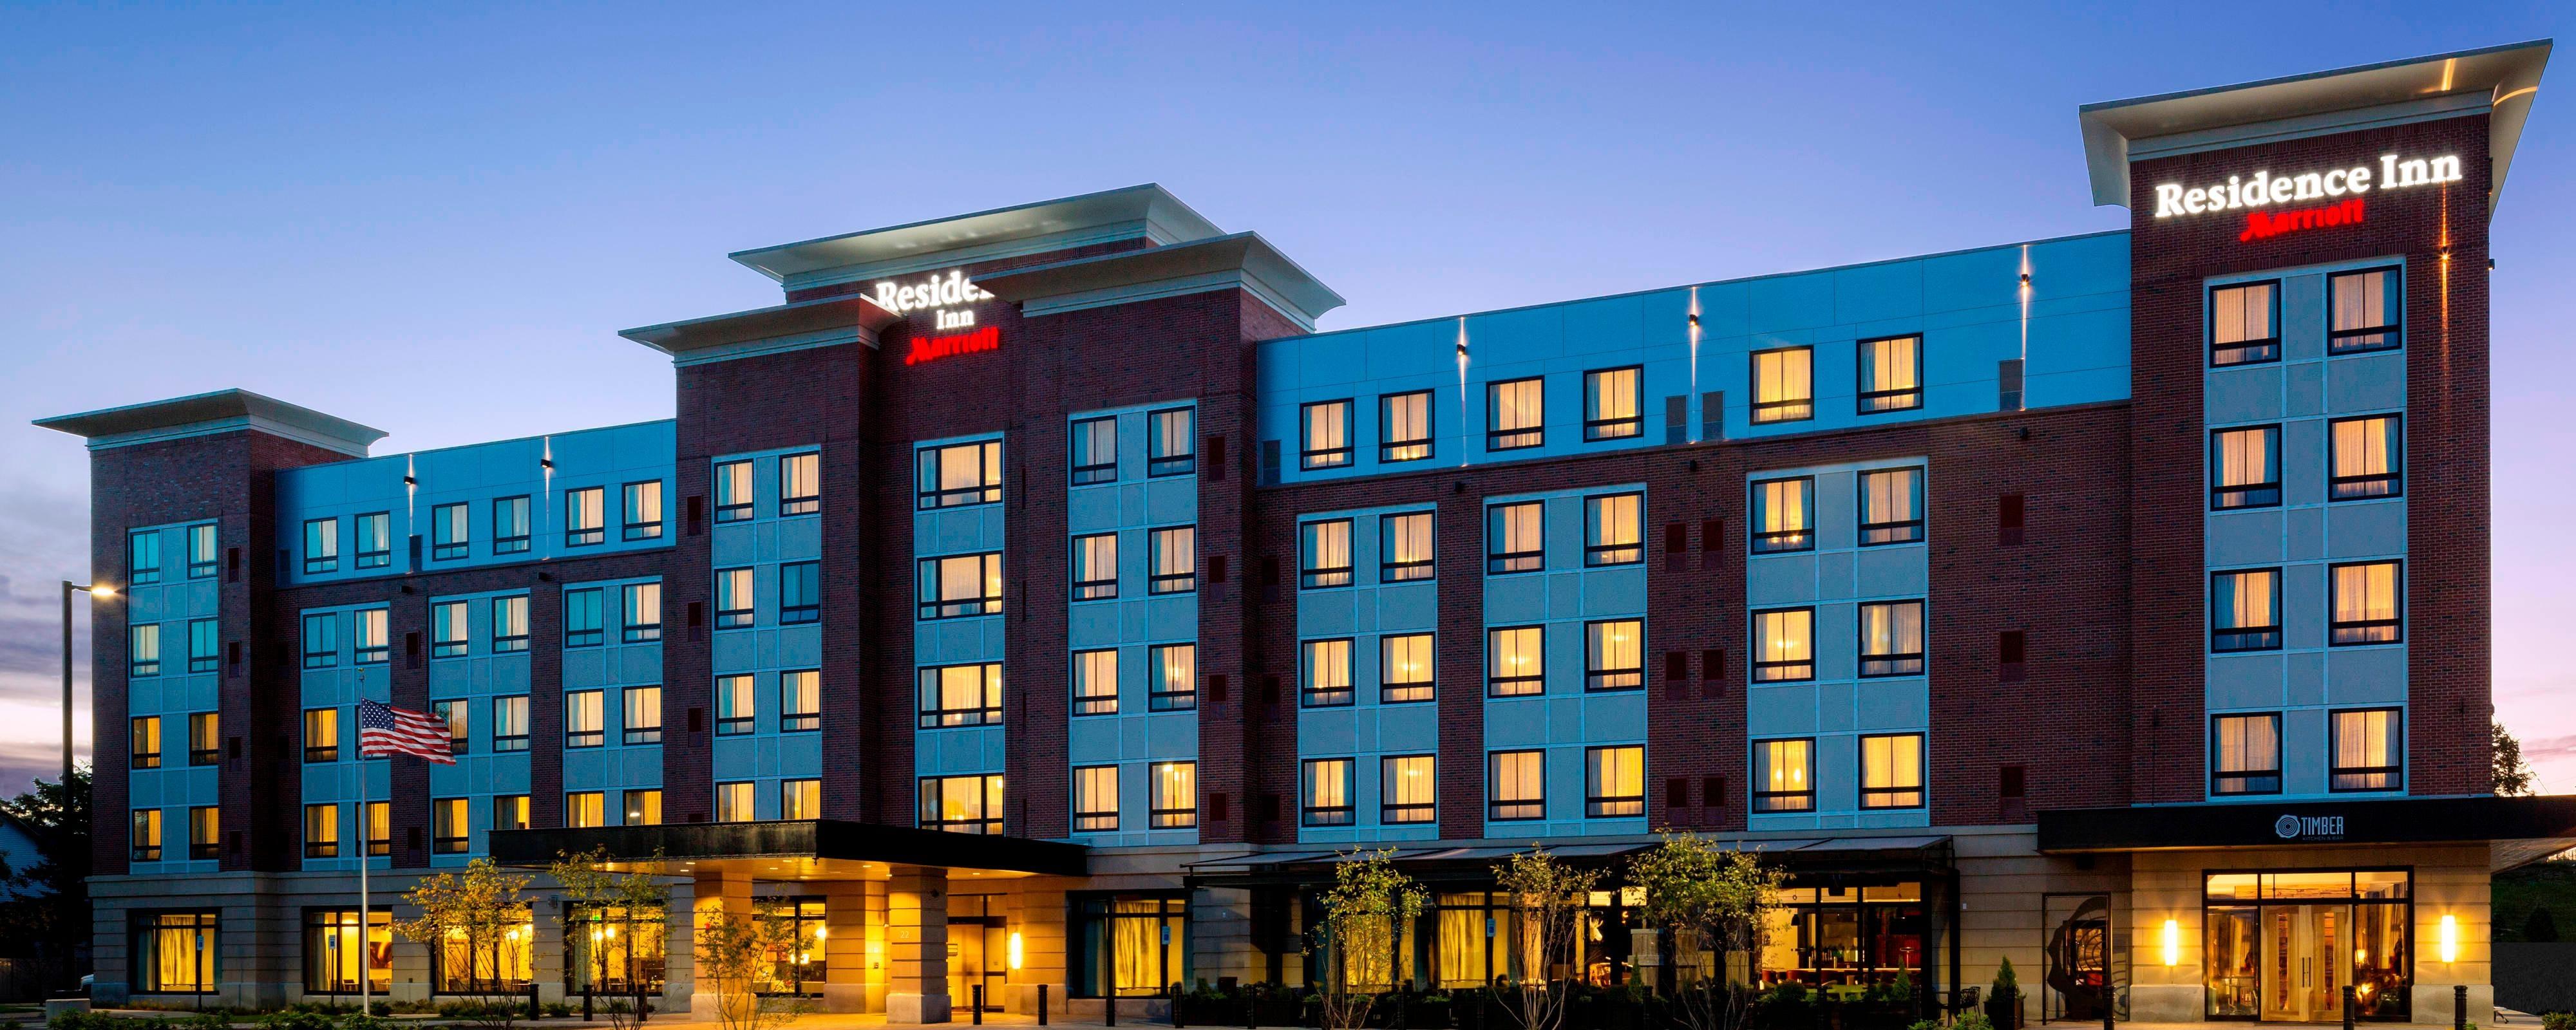 Bangor Hotels Downtown Bangor Me Hotels Residence Inn